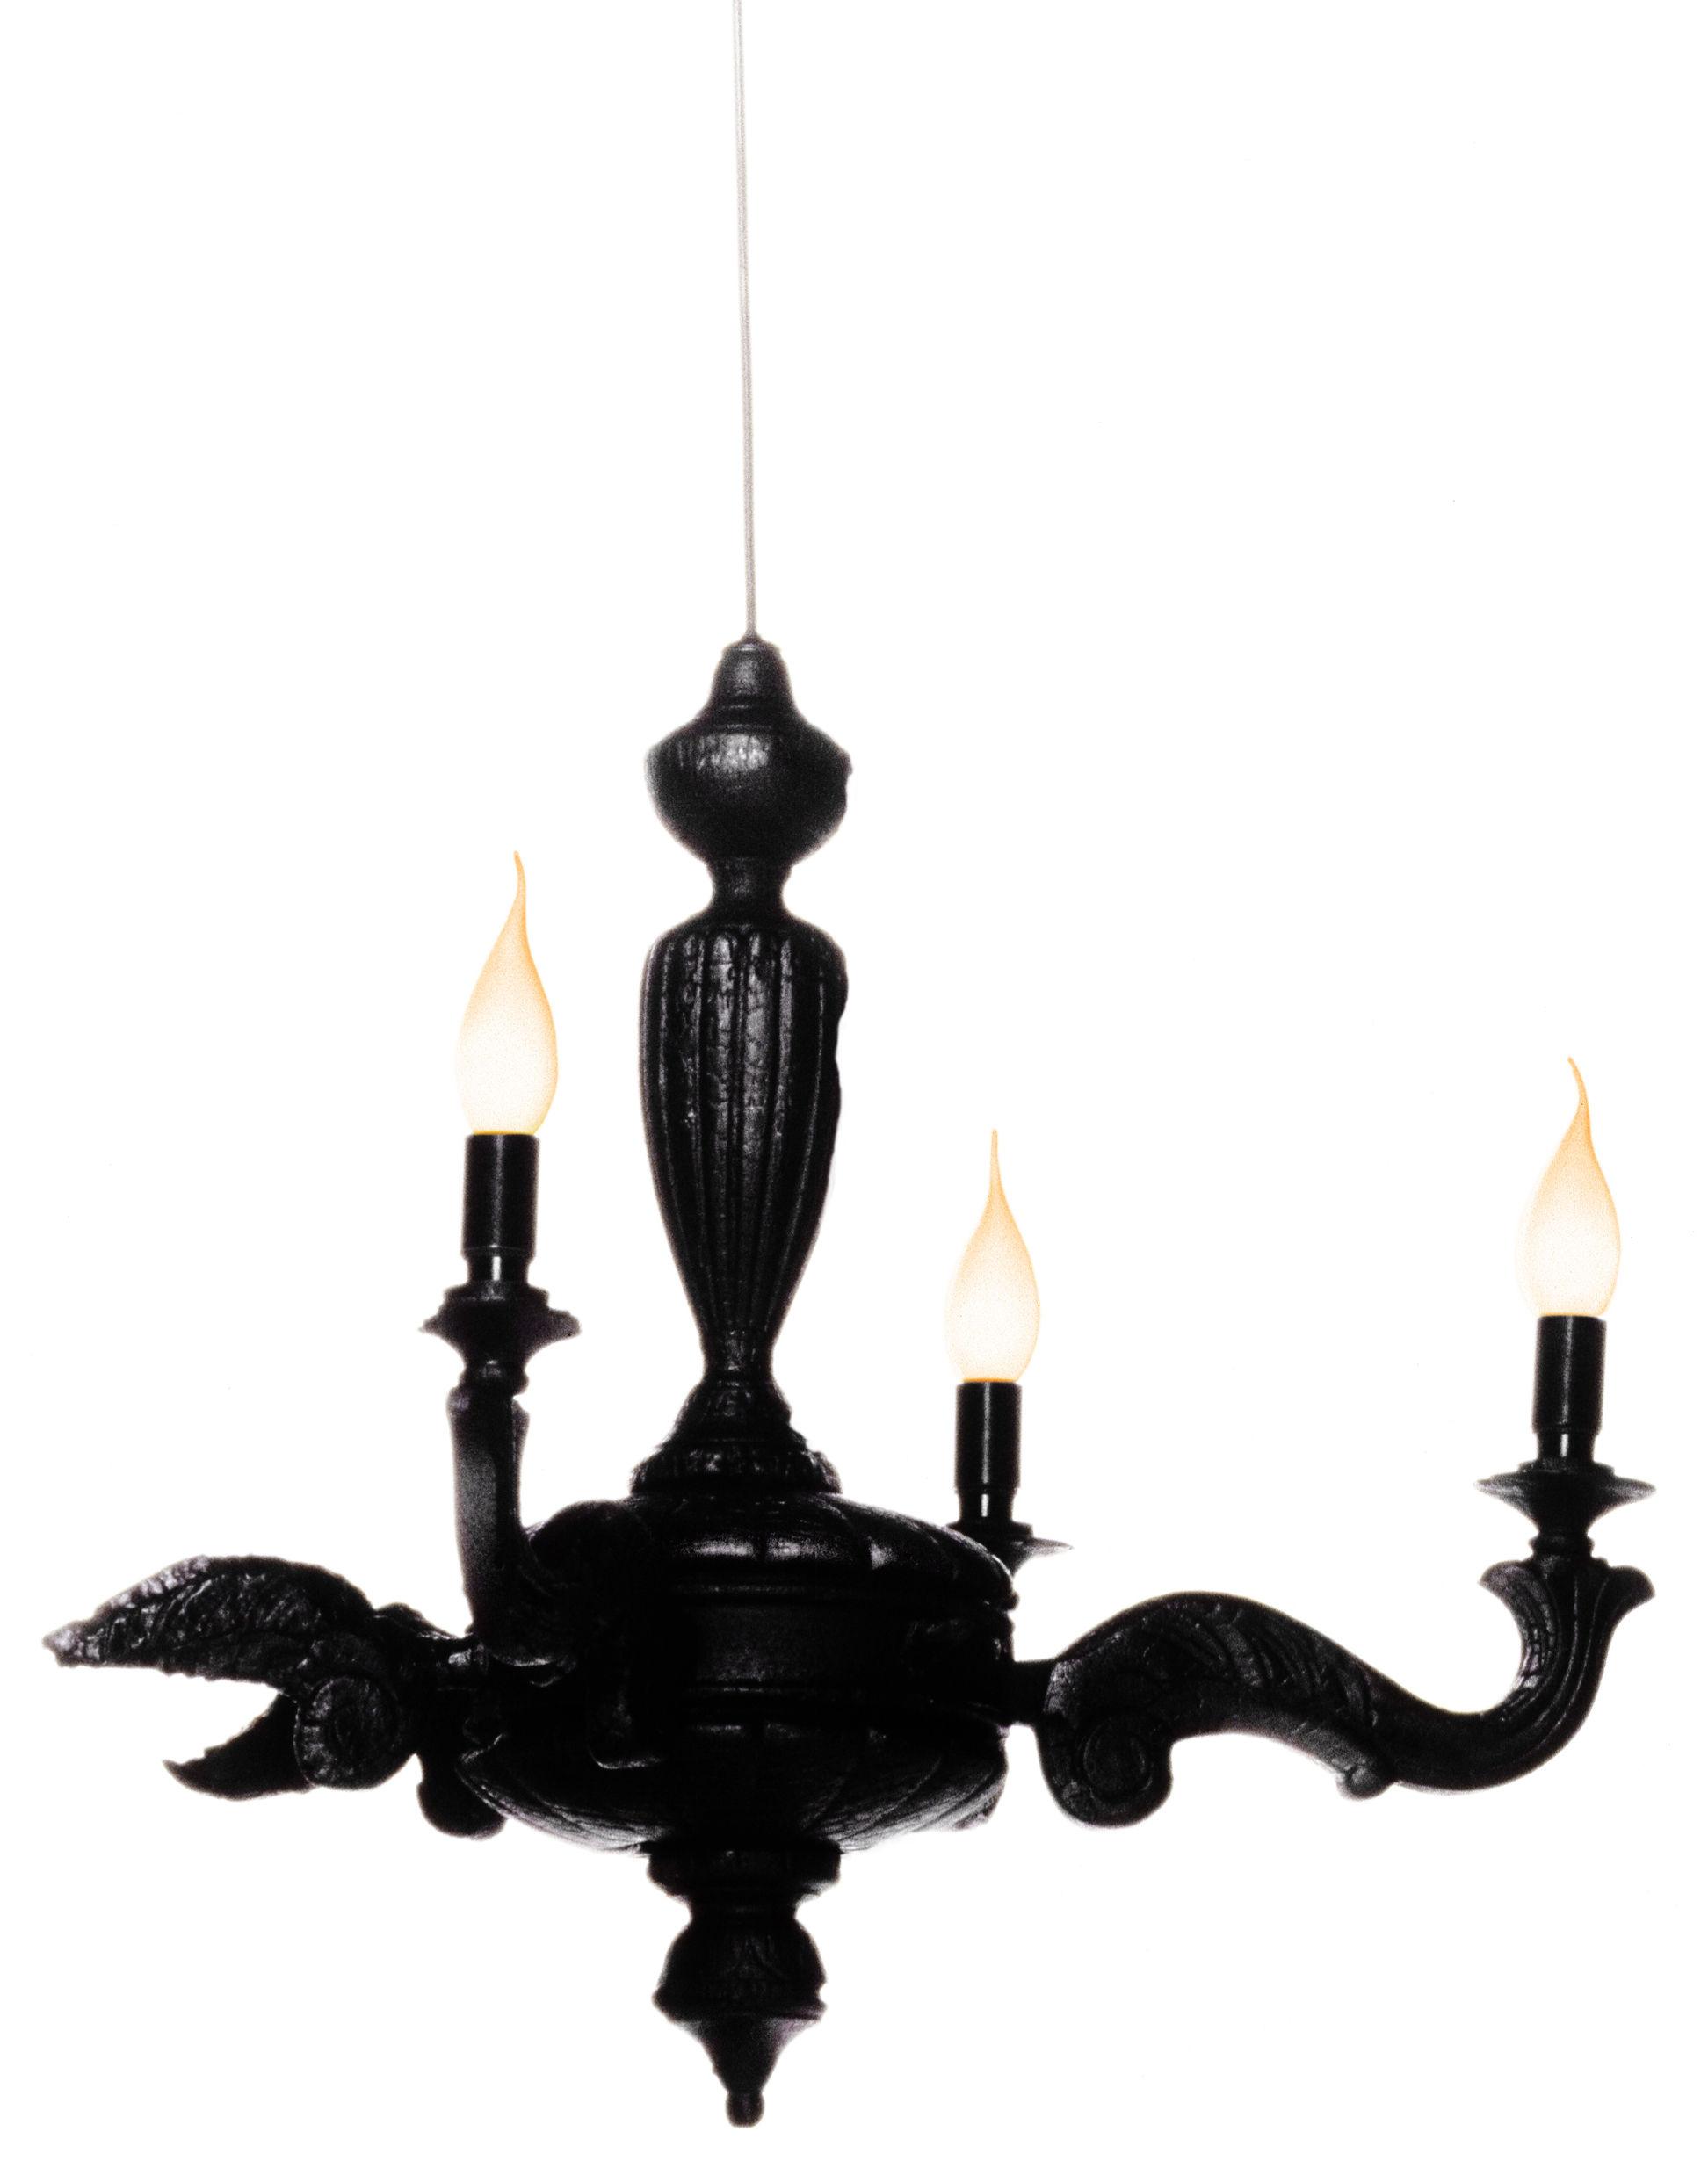 Leuchten - Pendelleuchten - Smoke Chandelier Pendelleuchte - Moooi - Schwarz - geflammtes Holz